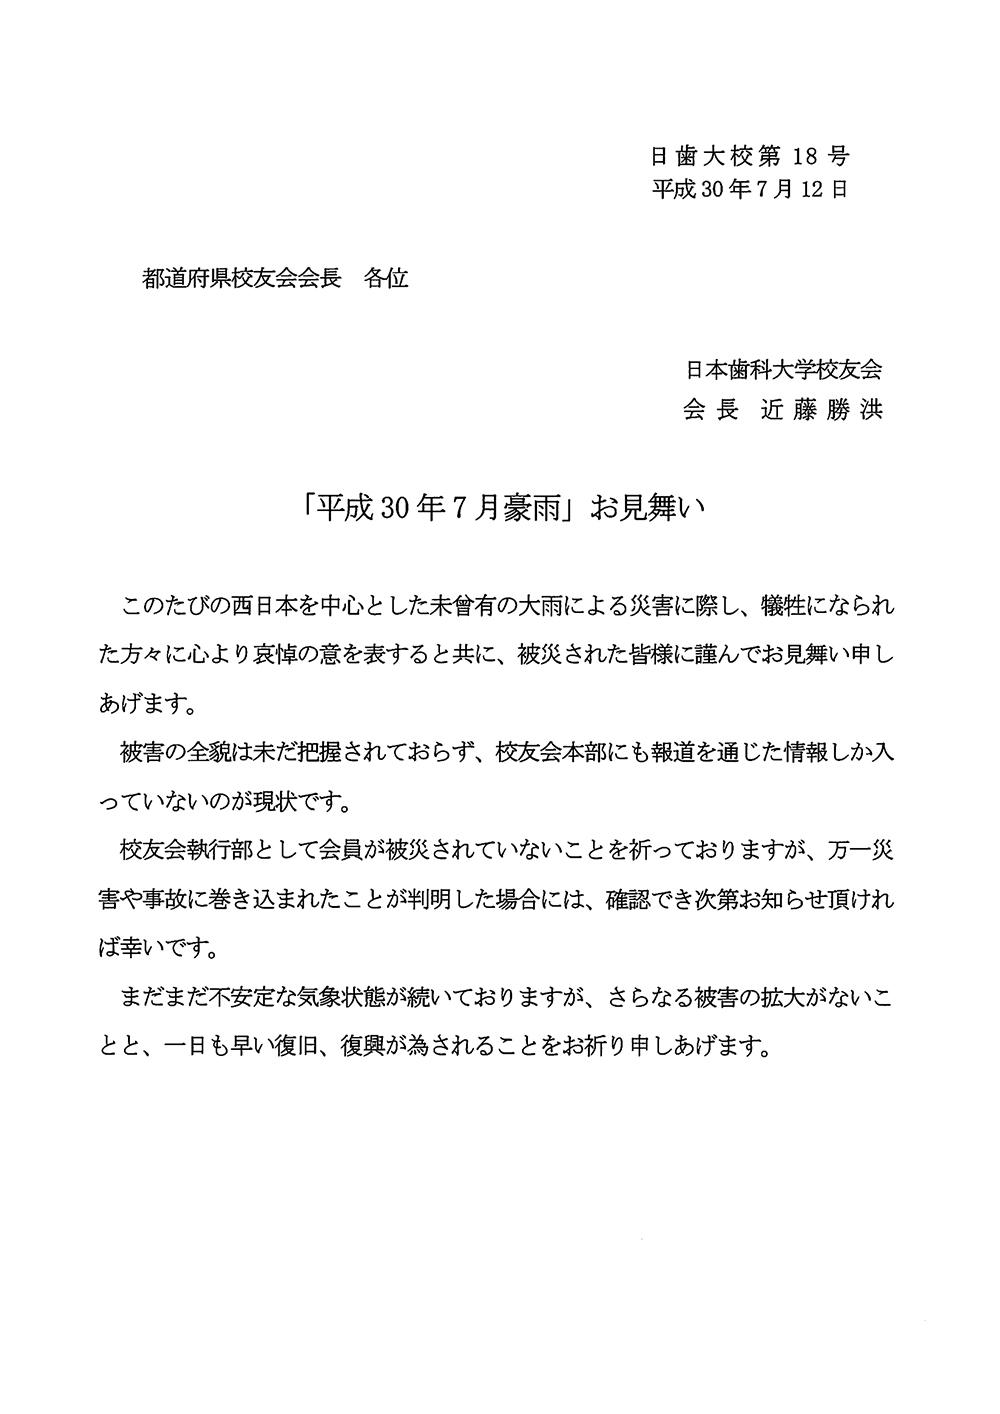 180717西日本豪雨